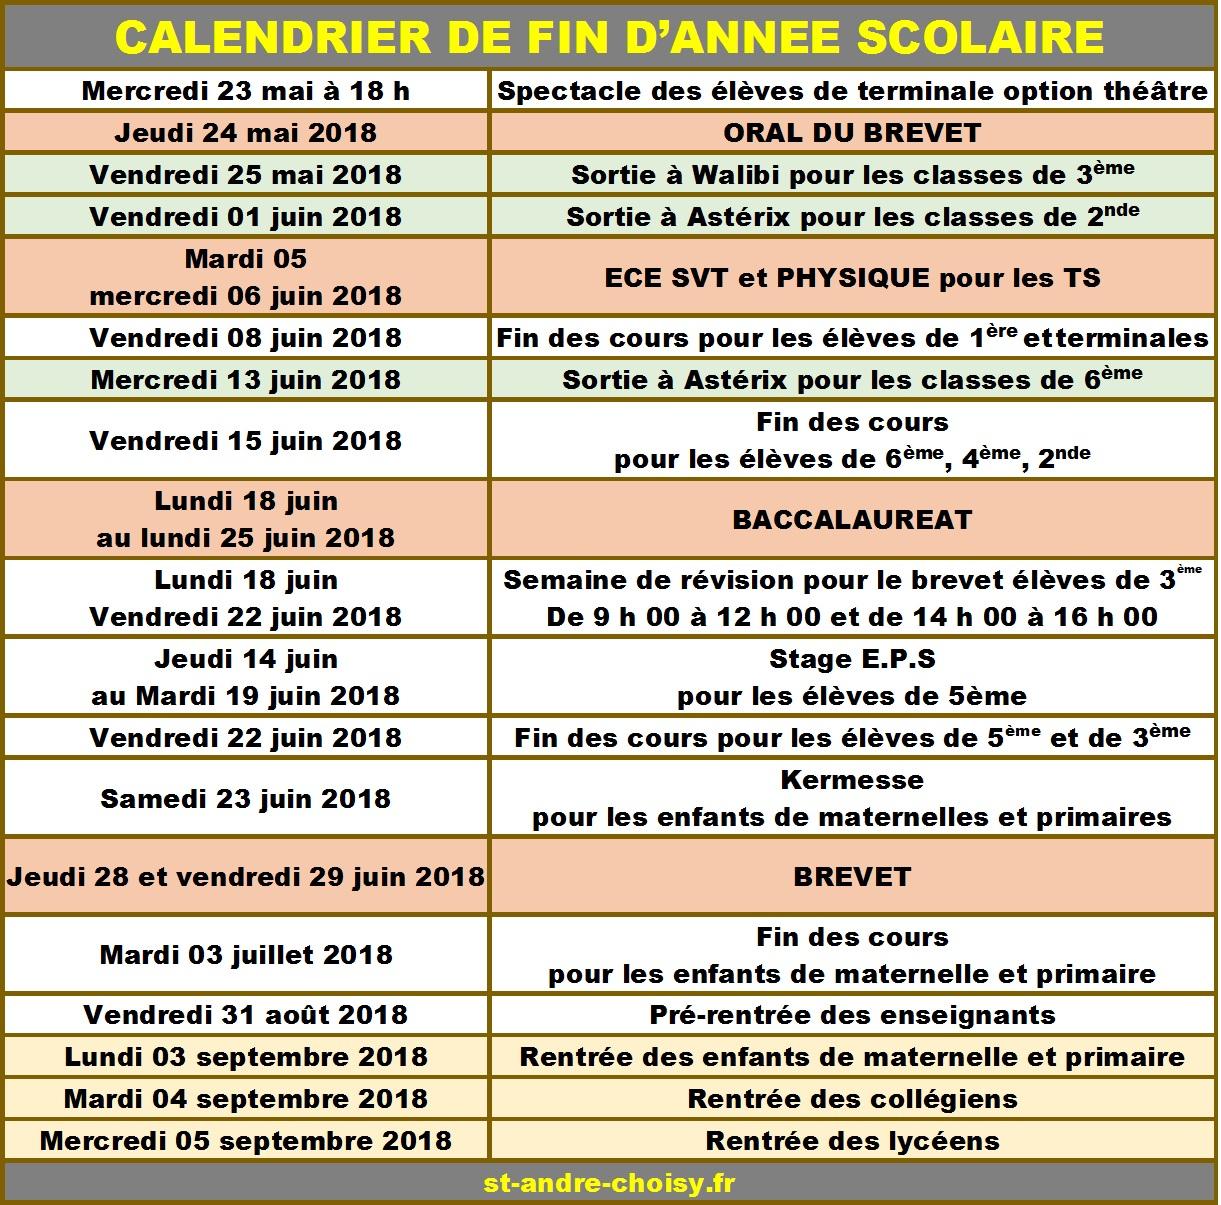 Saint-André | Calendrier De Fin D'annee Scolaire 2018 encequiconcerne Calendrier 2018 Enfant